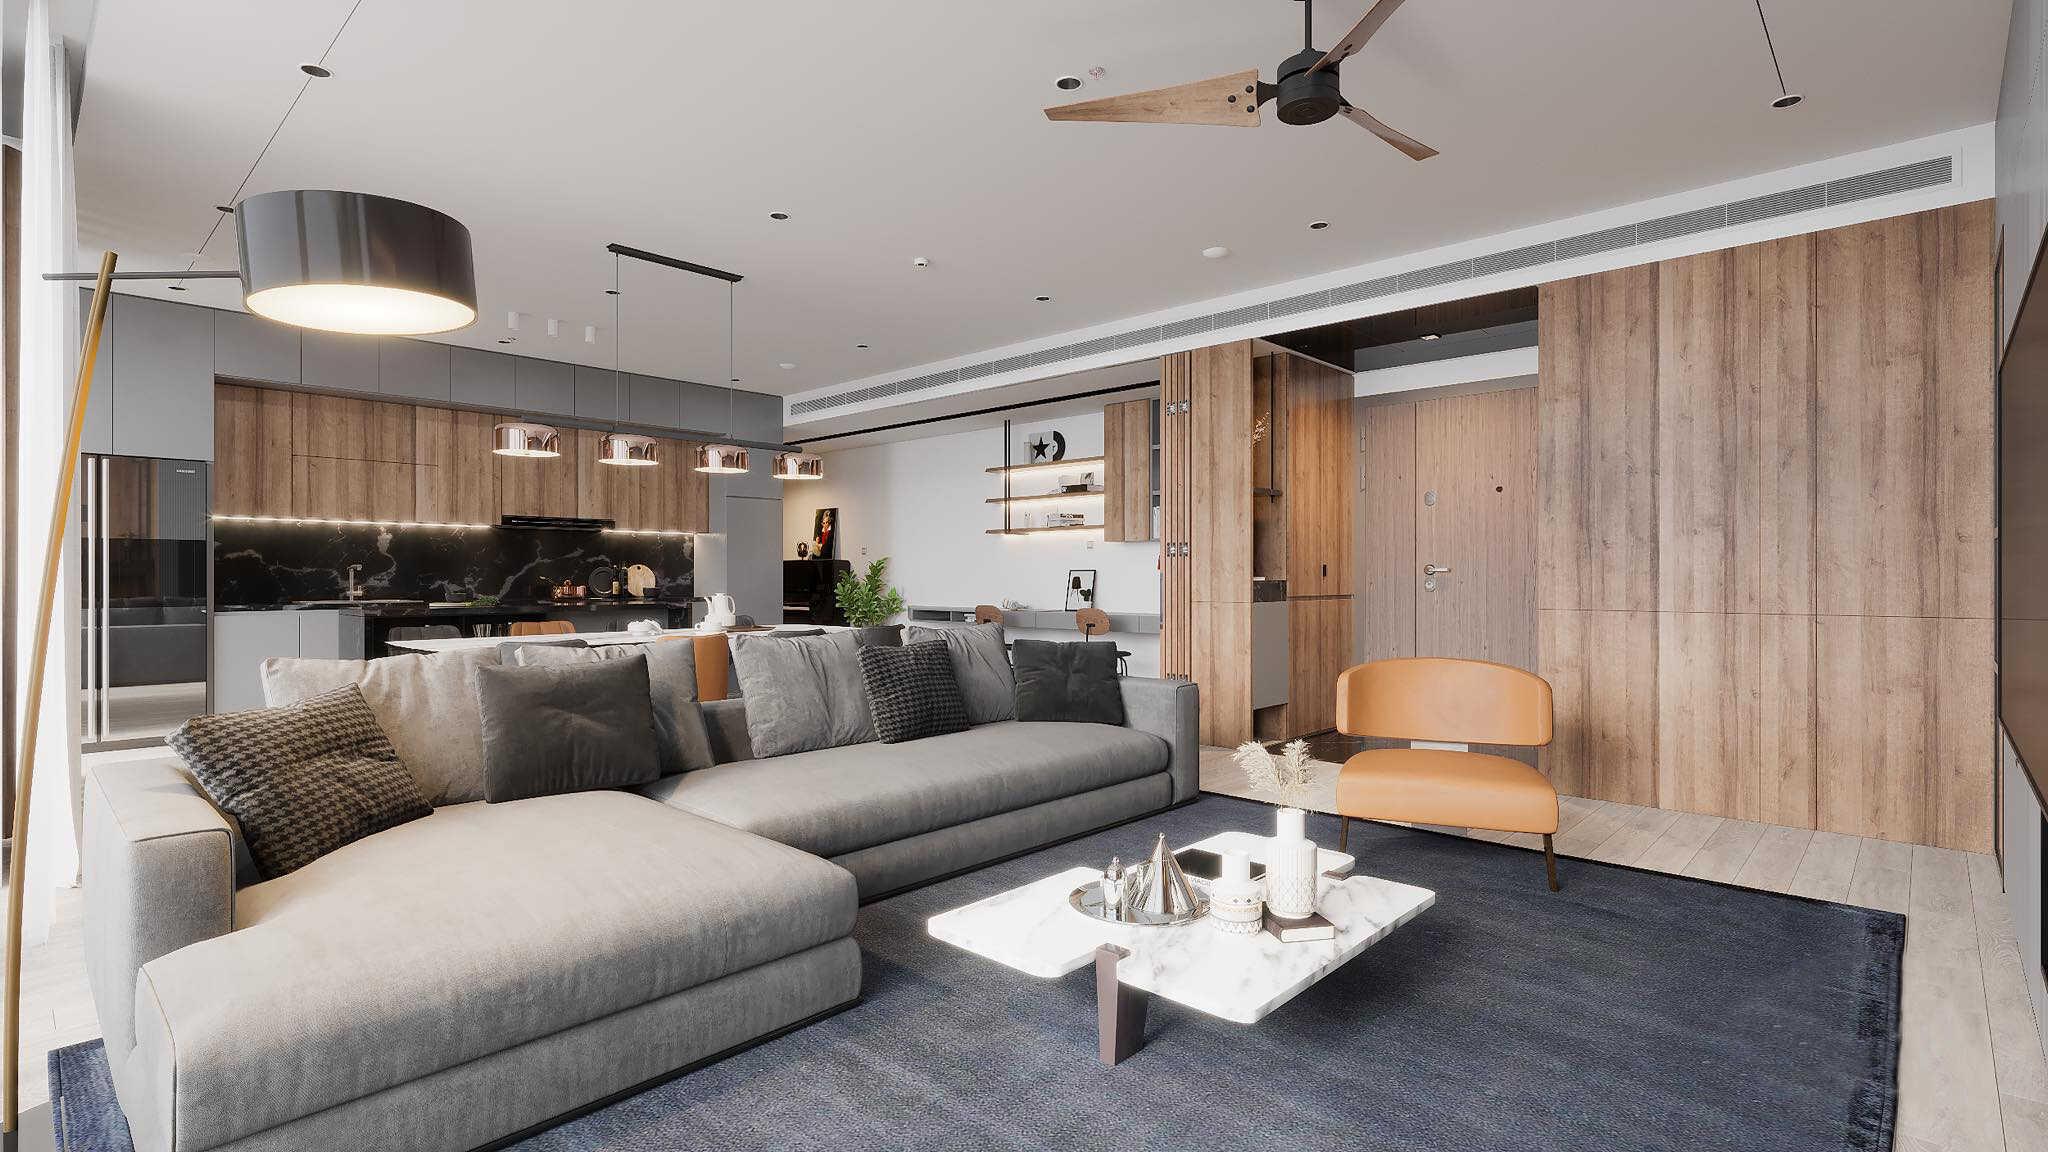 Mẫu Thiết kế nội thất phòng khách đẹp nhất, phong cách tinh tế và sang trọng